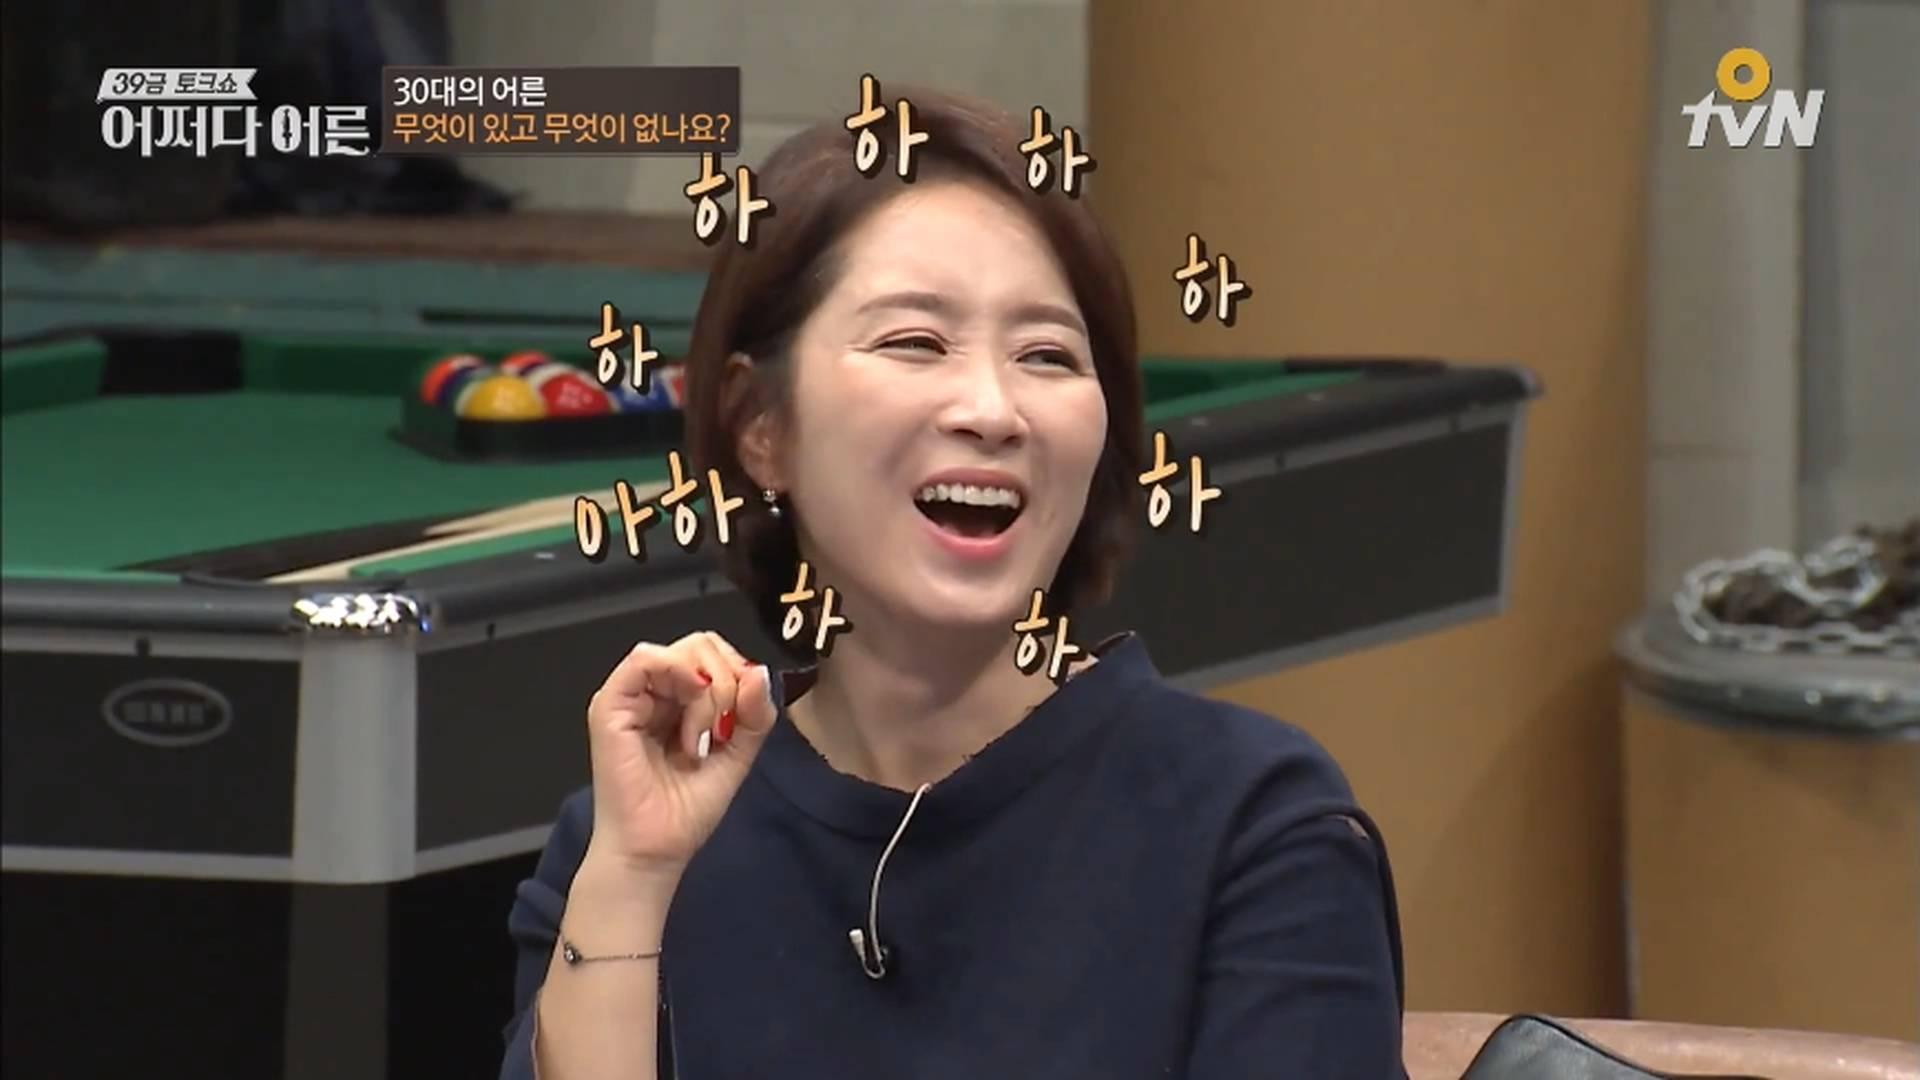 대학교때 별명이 '새내기 킬러'였던 김일중 아나운서.jpg | 인스티즈